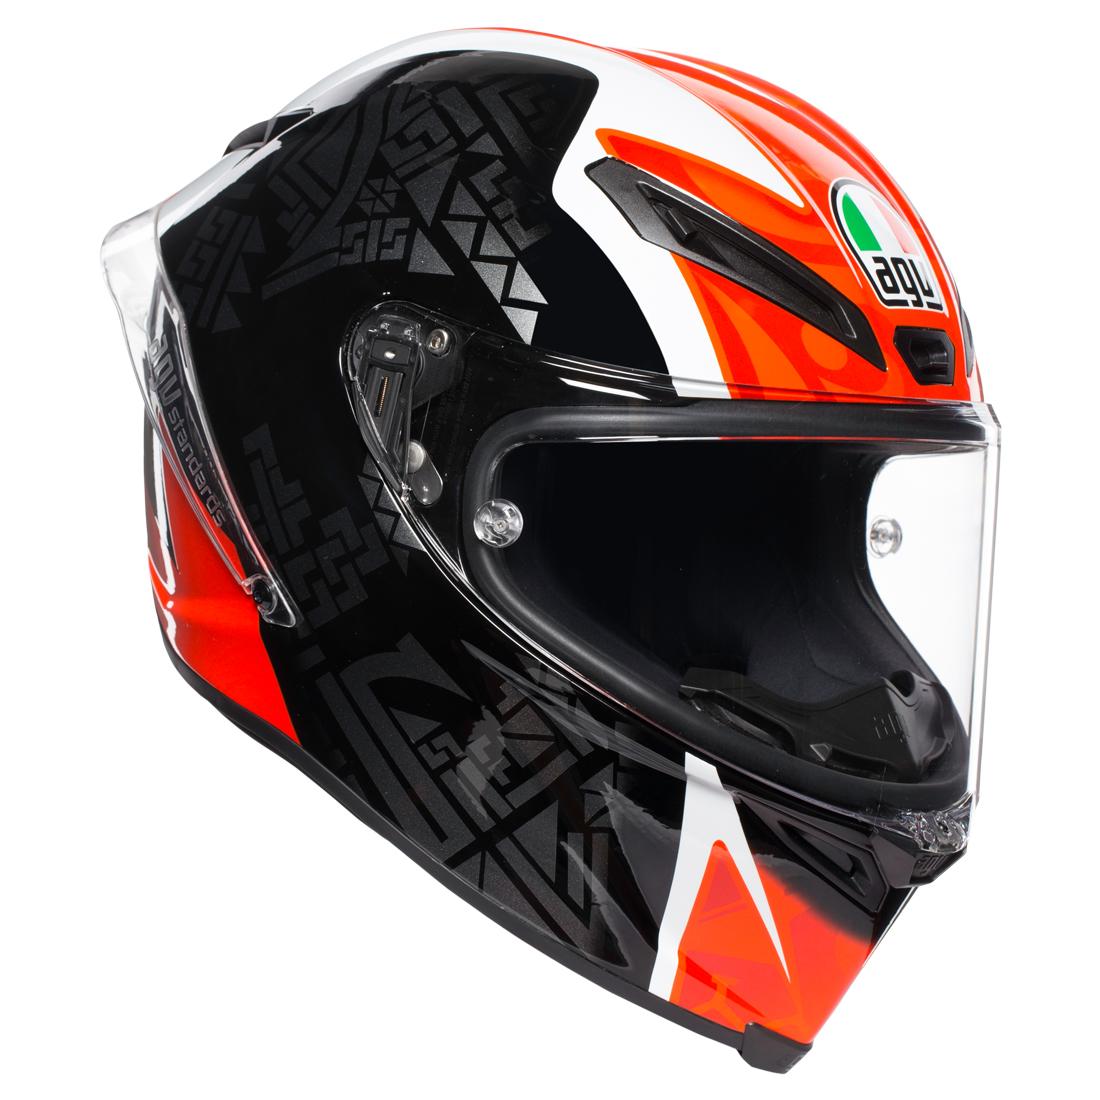 AGV フルフェイスヘルメット CORSA R 004-CASANOVA Sサイズ